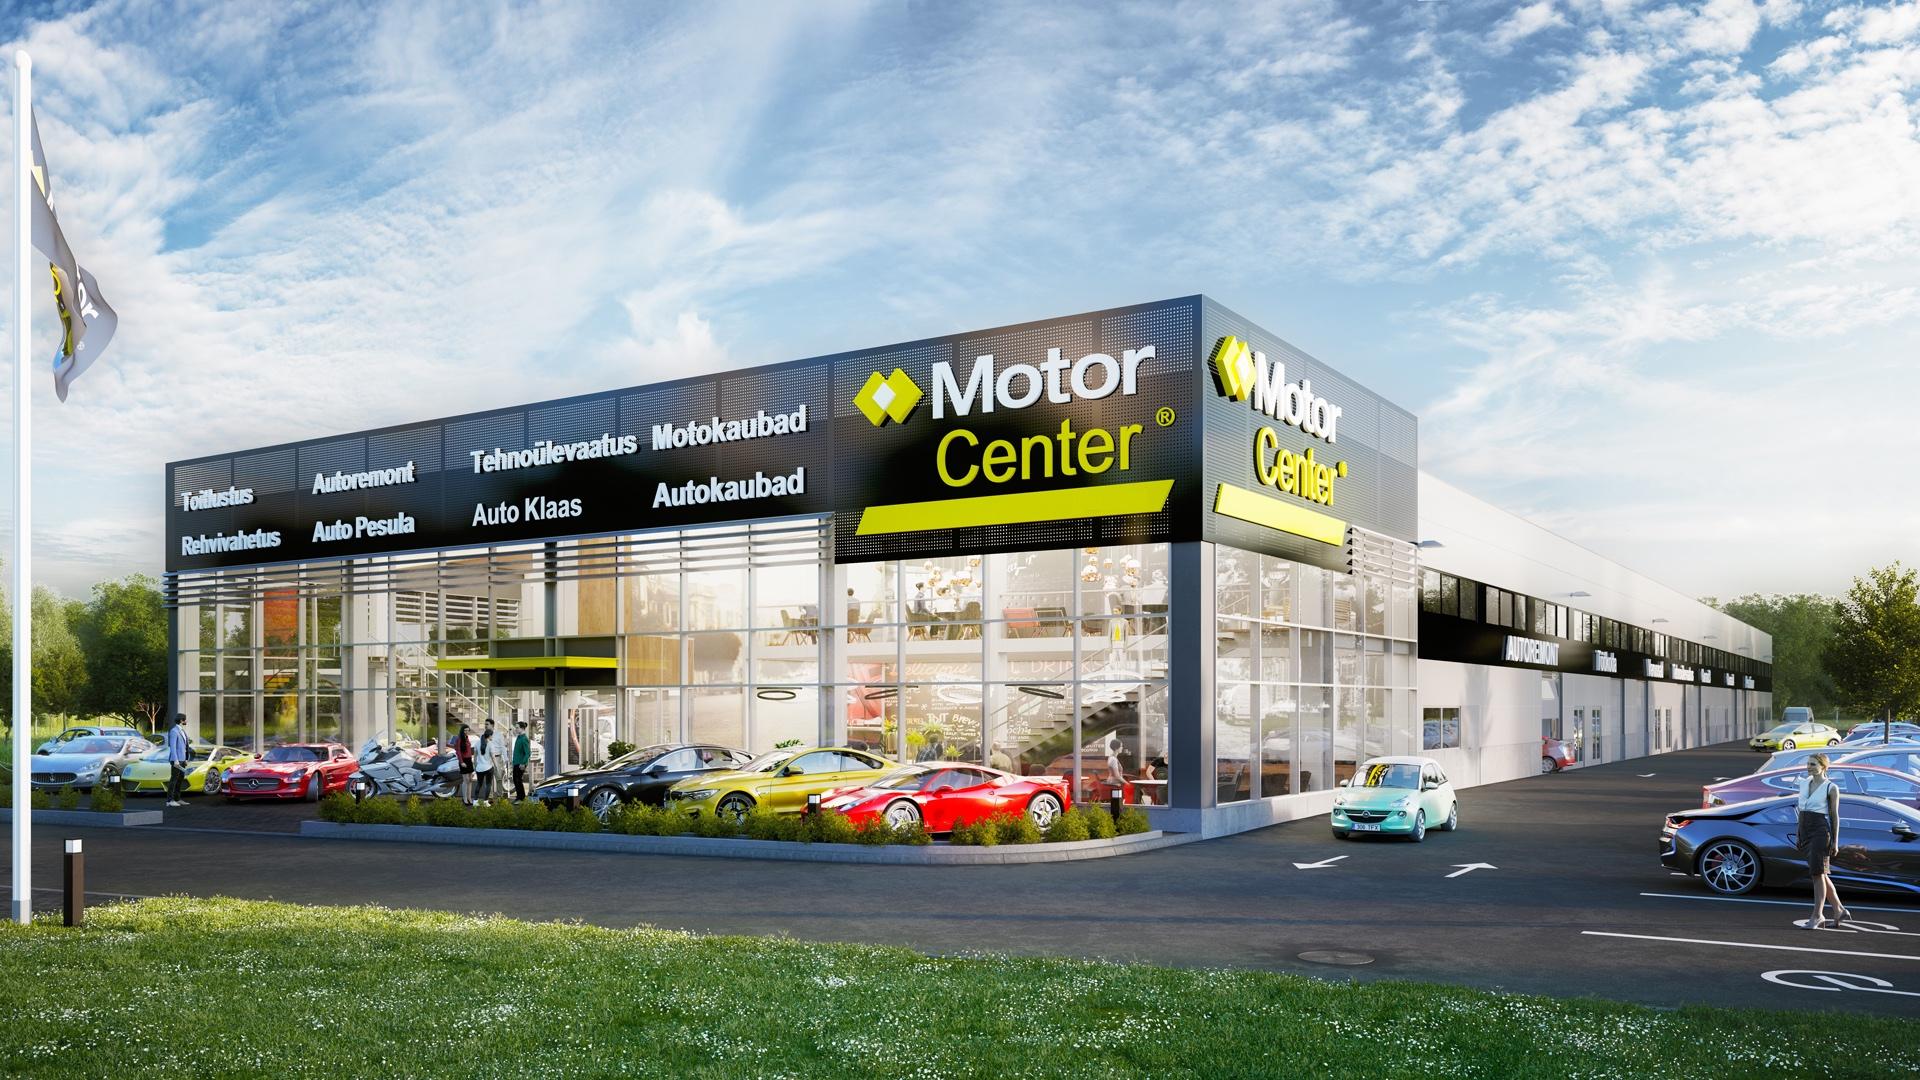 Lasnamäele kerkib autoteenustele ja kaubandusele keskenduv kaasaegne MotorCenter keskus